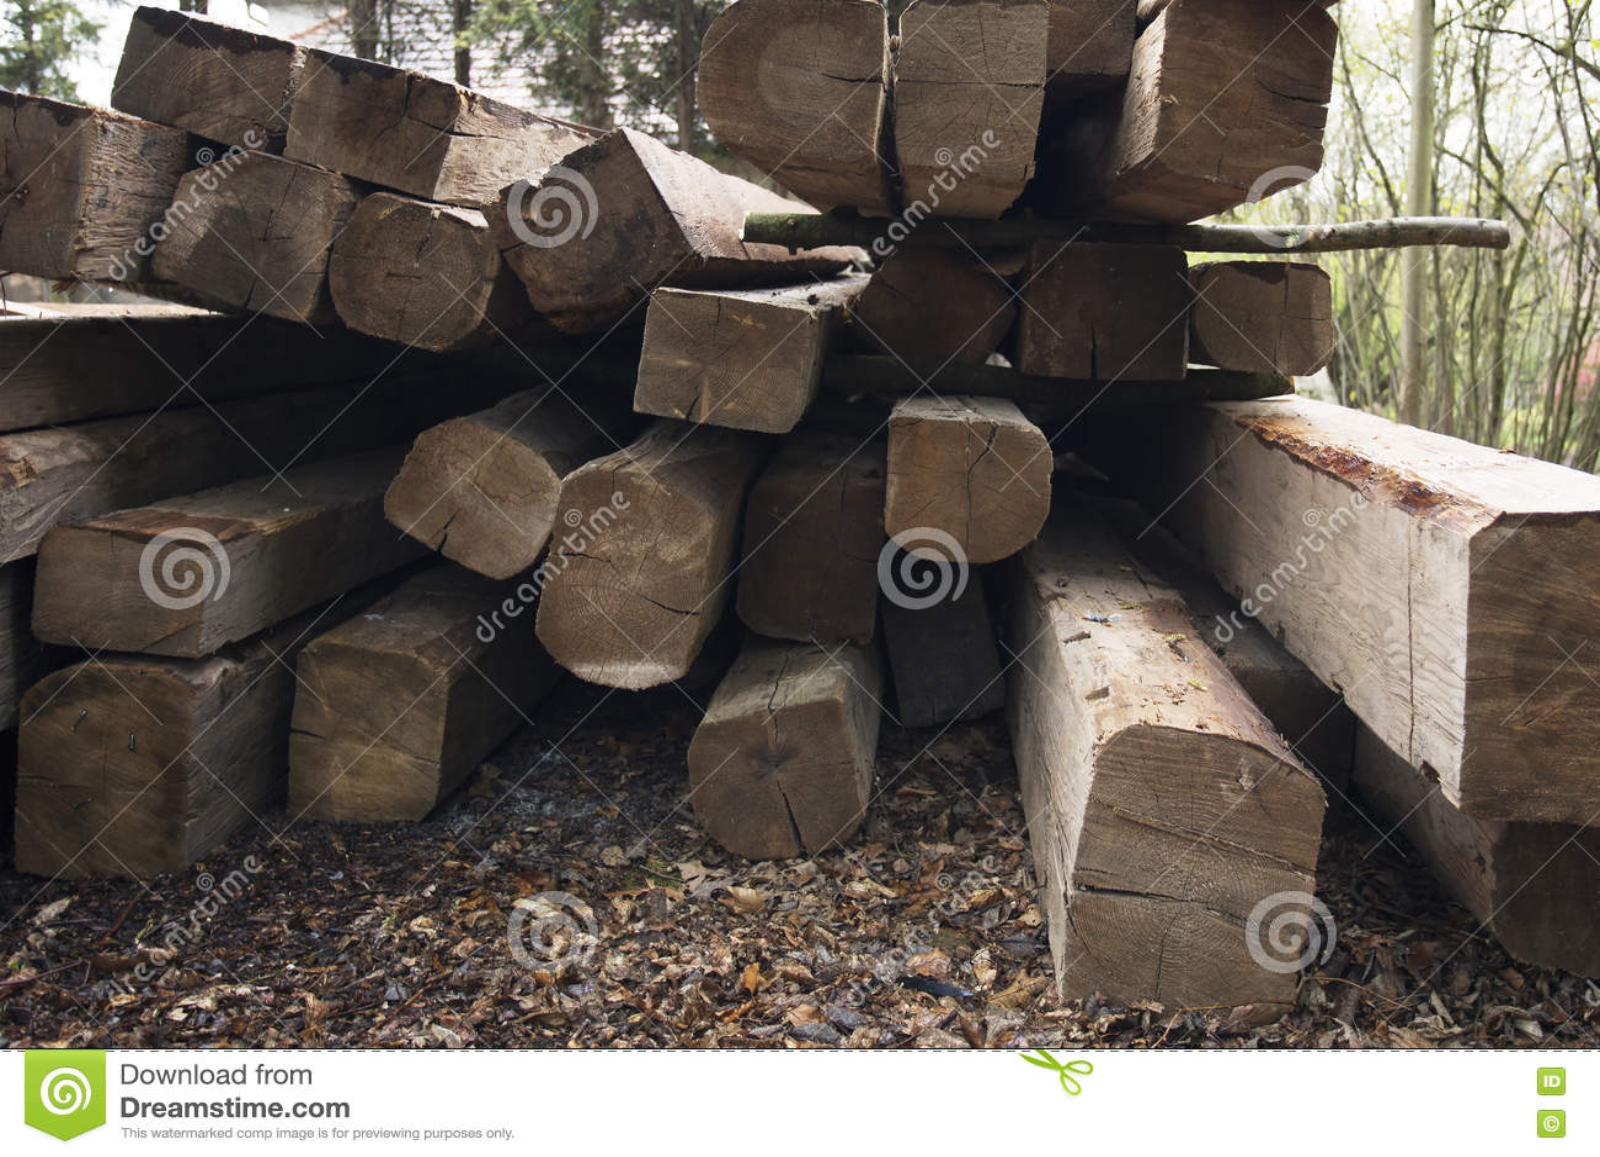 Fasci di legno Tetto che sviluppa le componenti di legno Esterno con materiale da costruzione